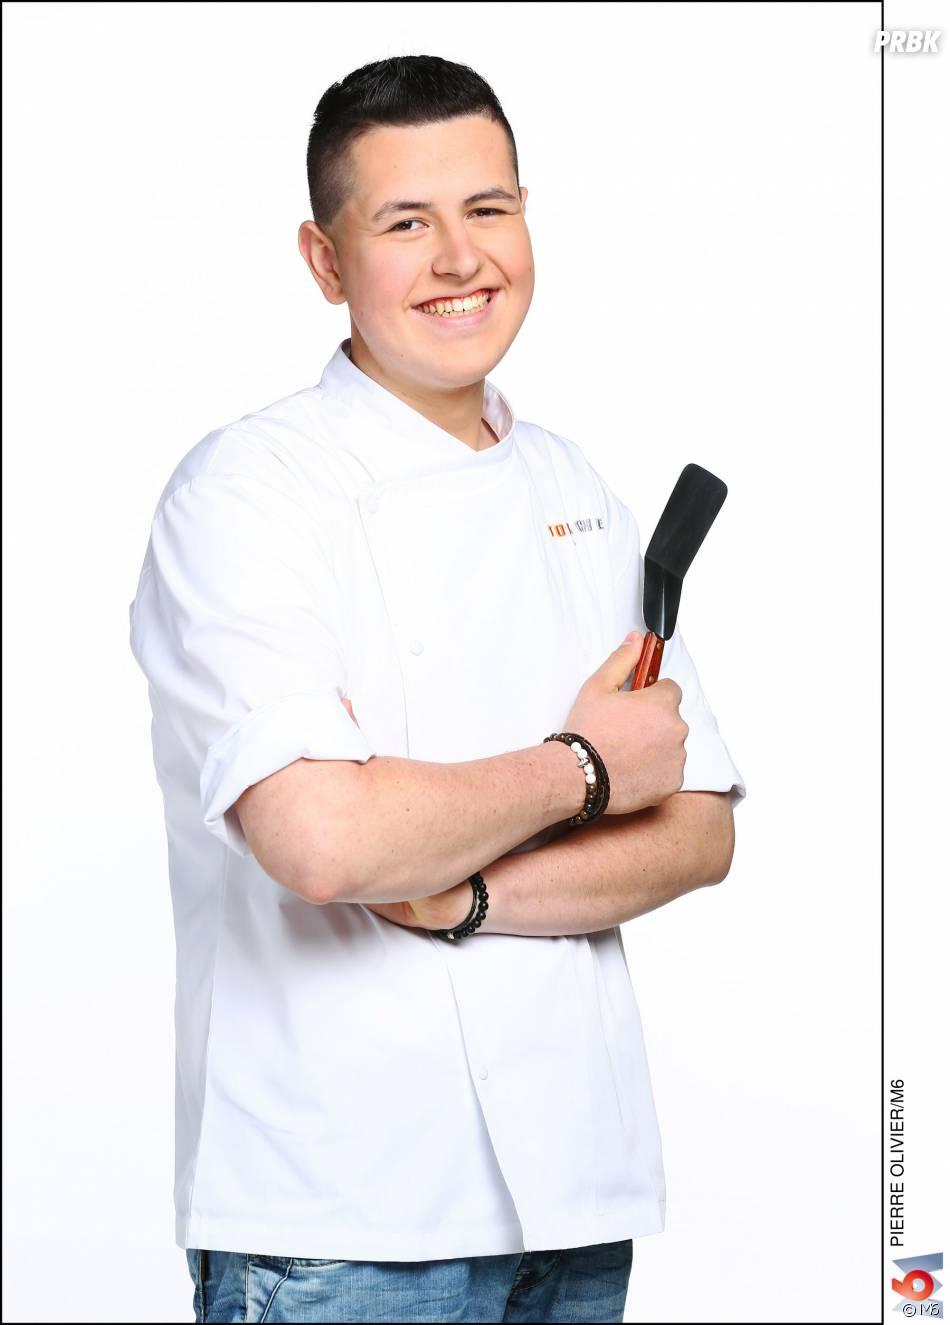 """Top Chef 2016 :Charles Gantois (20 ans) : Commis de cuisine dans le restaurant """"Cap Estel - La Table de Patrick Raingeard"""" (Eze, Alpes-Maritimes) / Ses Mentors : Frédéric Anton et Mathieu Klein / Gagnant du concours """"Objectif Top Chef"""""""